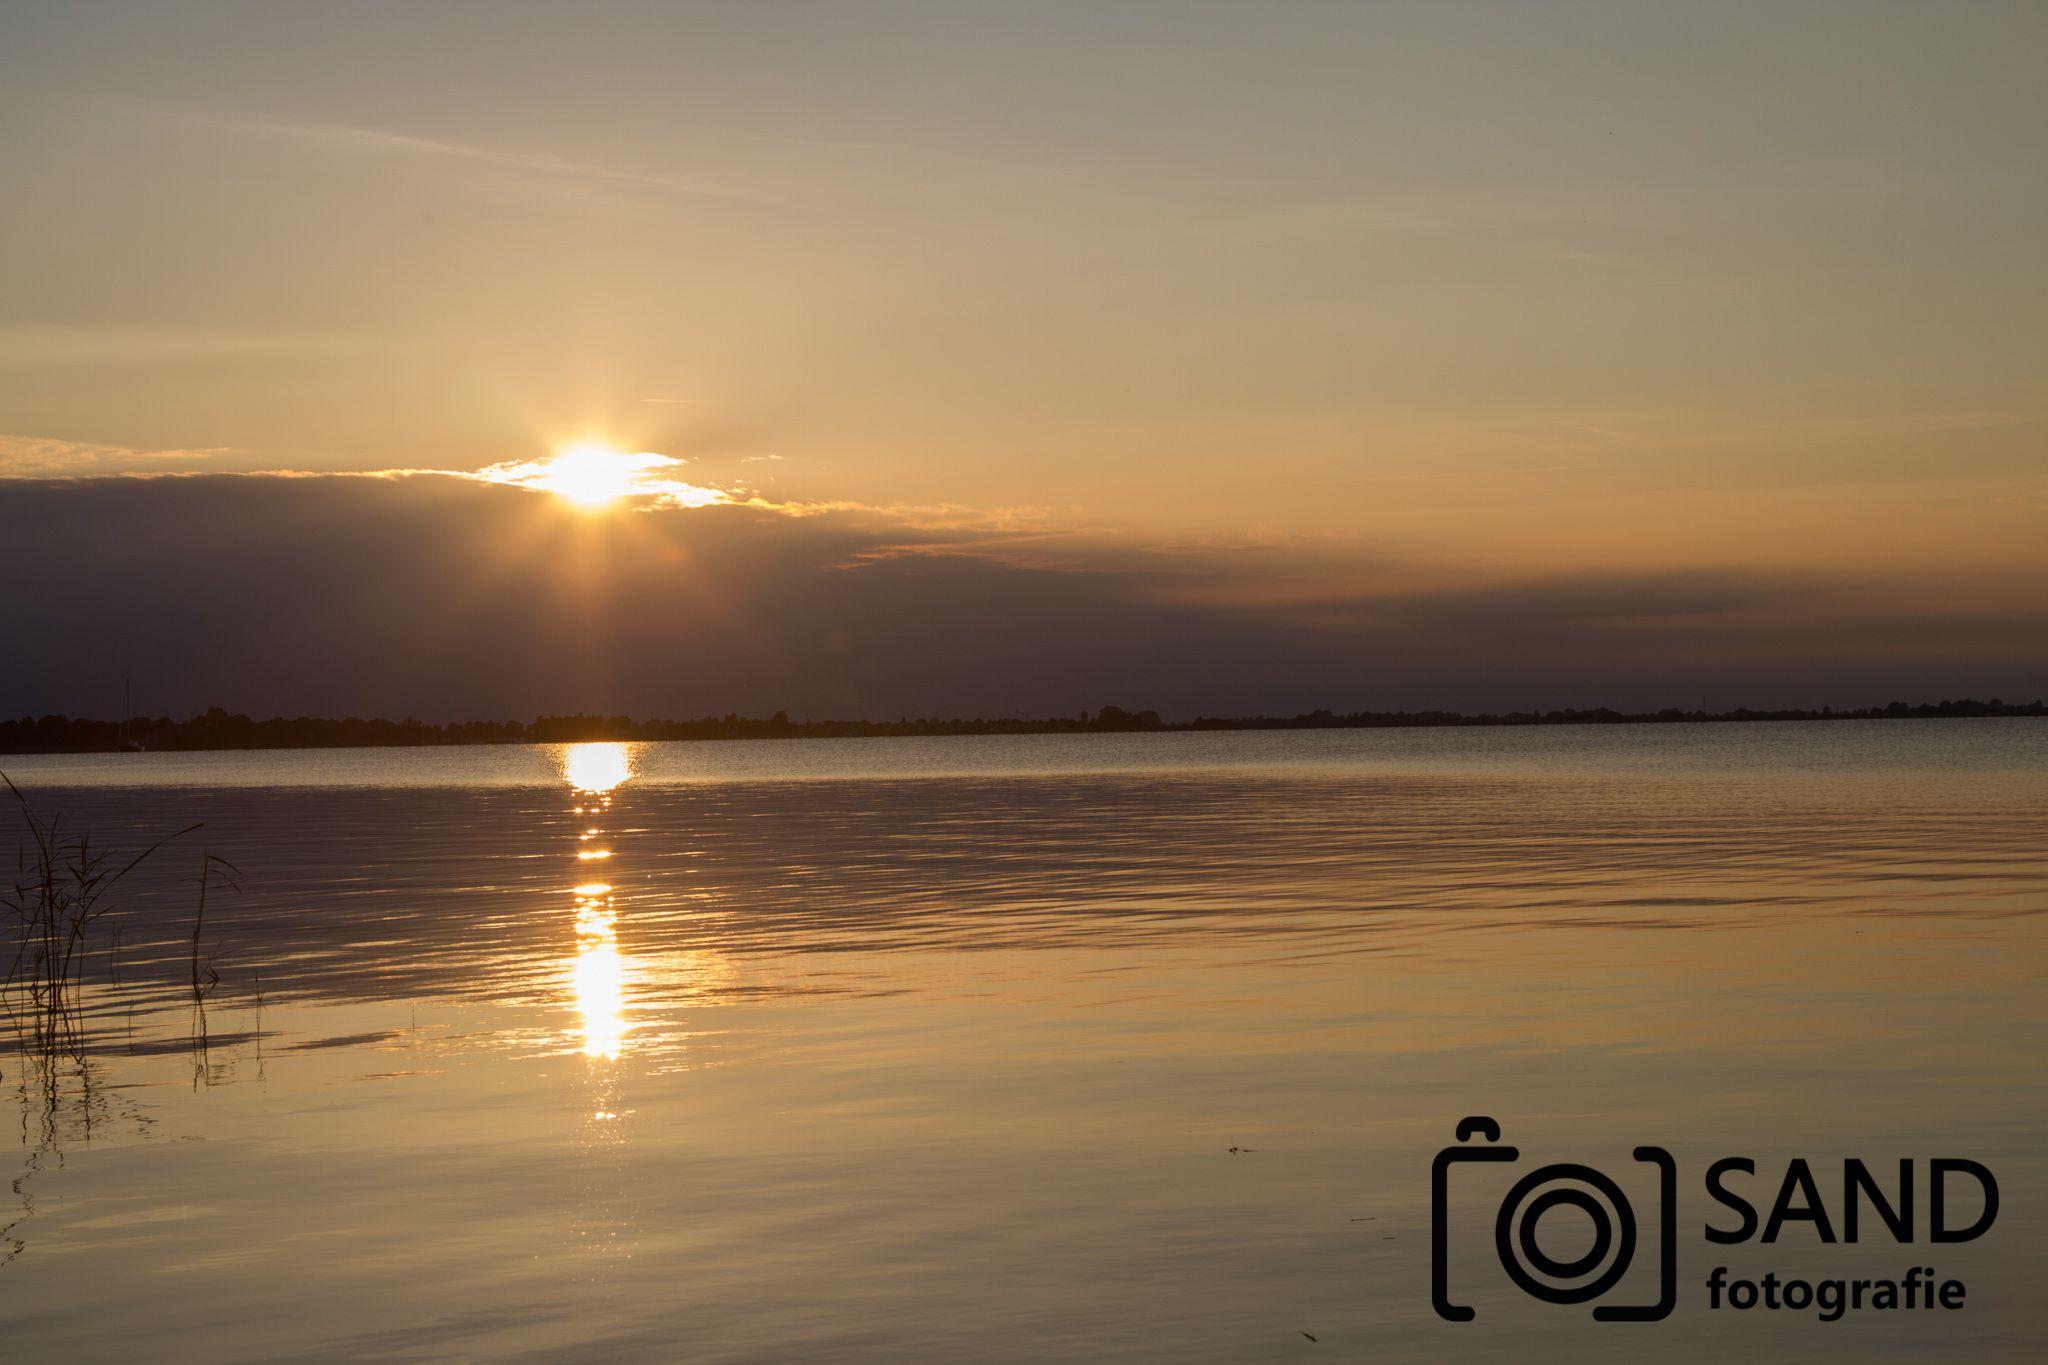 Het Slotermeer Friesland Sand Fotografie